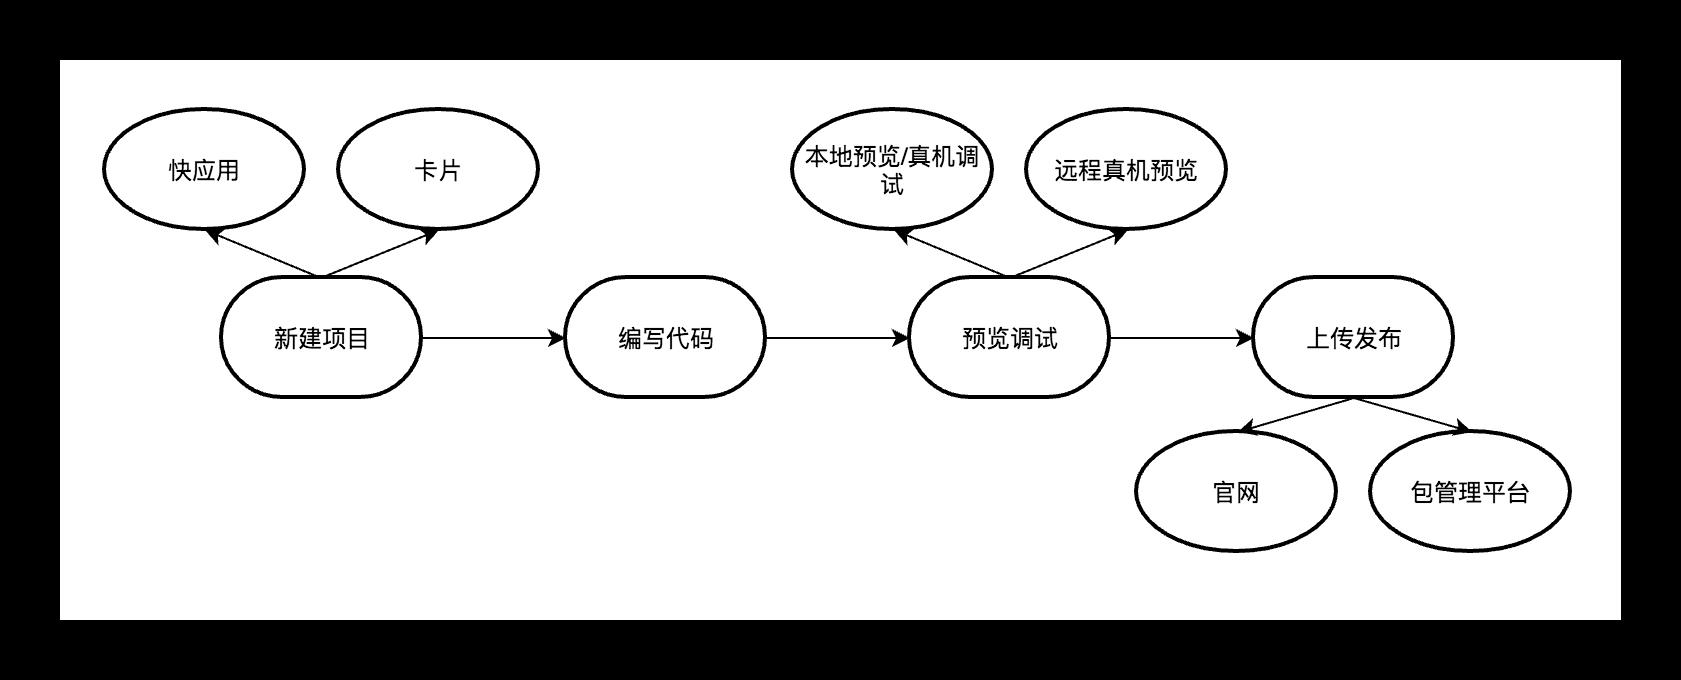 快应用开发工具入门介绍